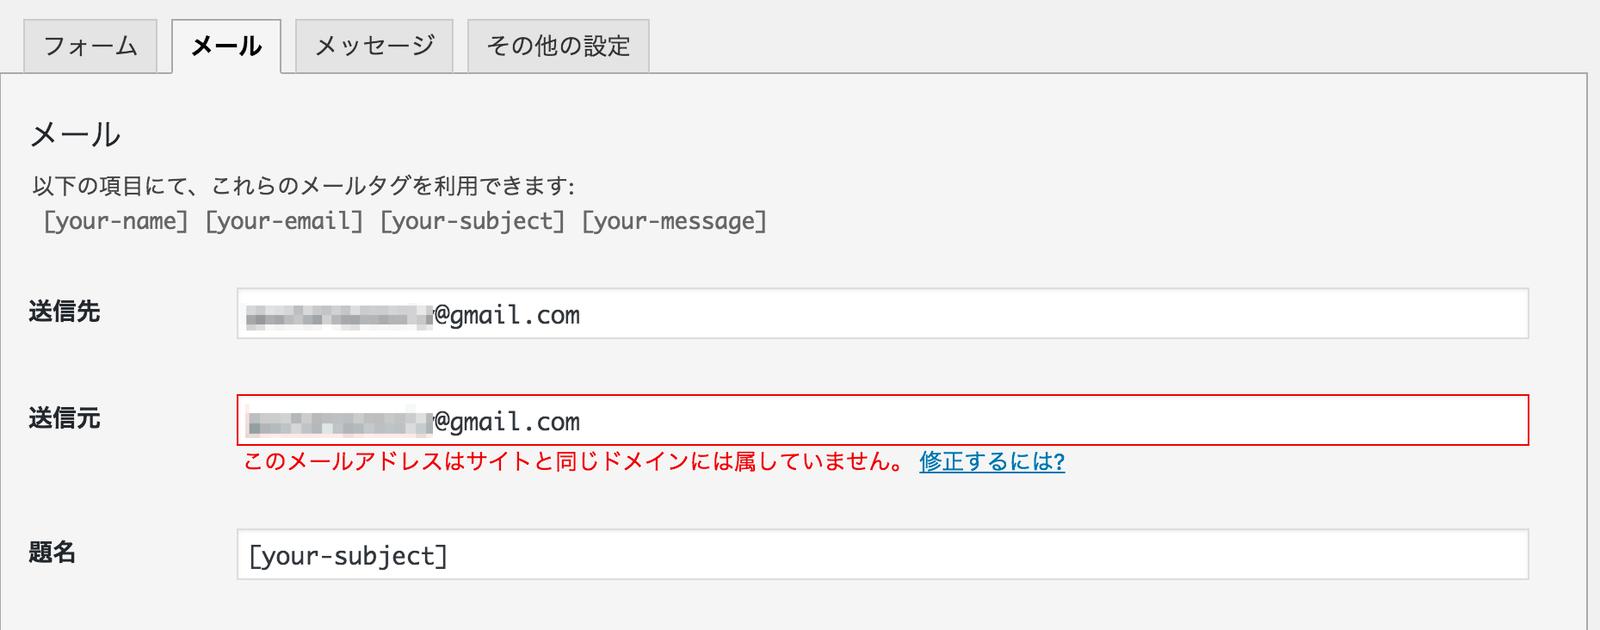 「このメールアドレスはサイトと同じドメインには属していません。」というエラーが表示された